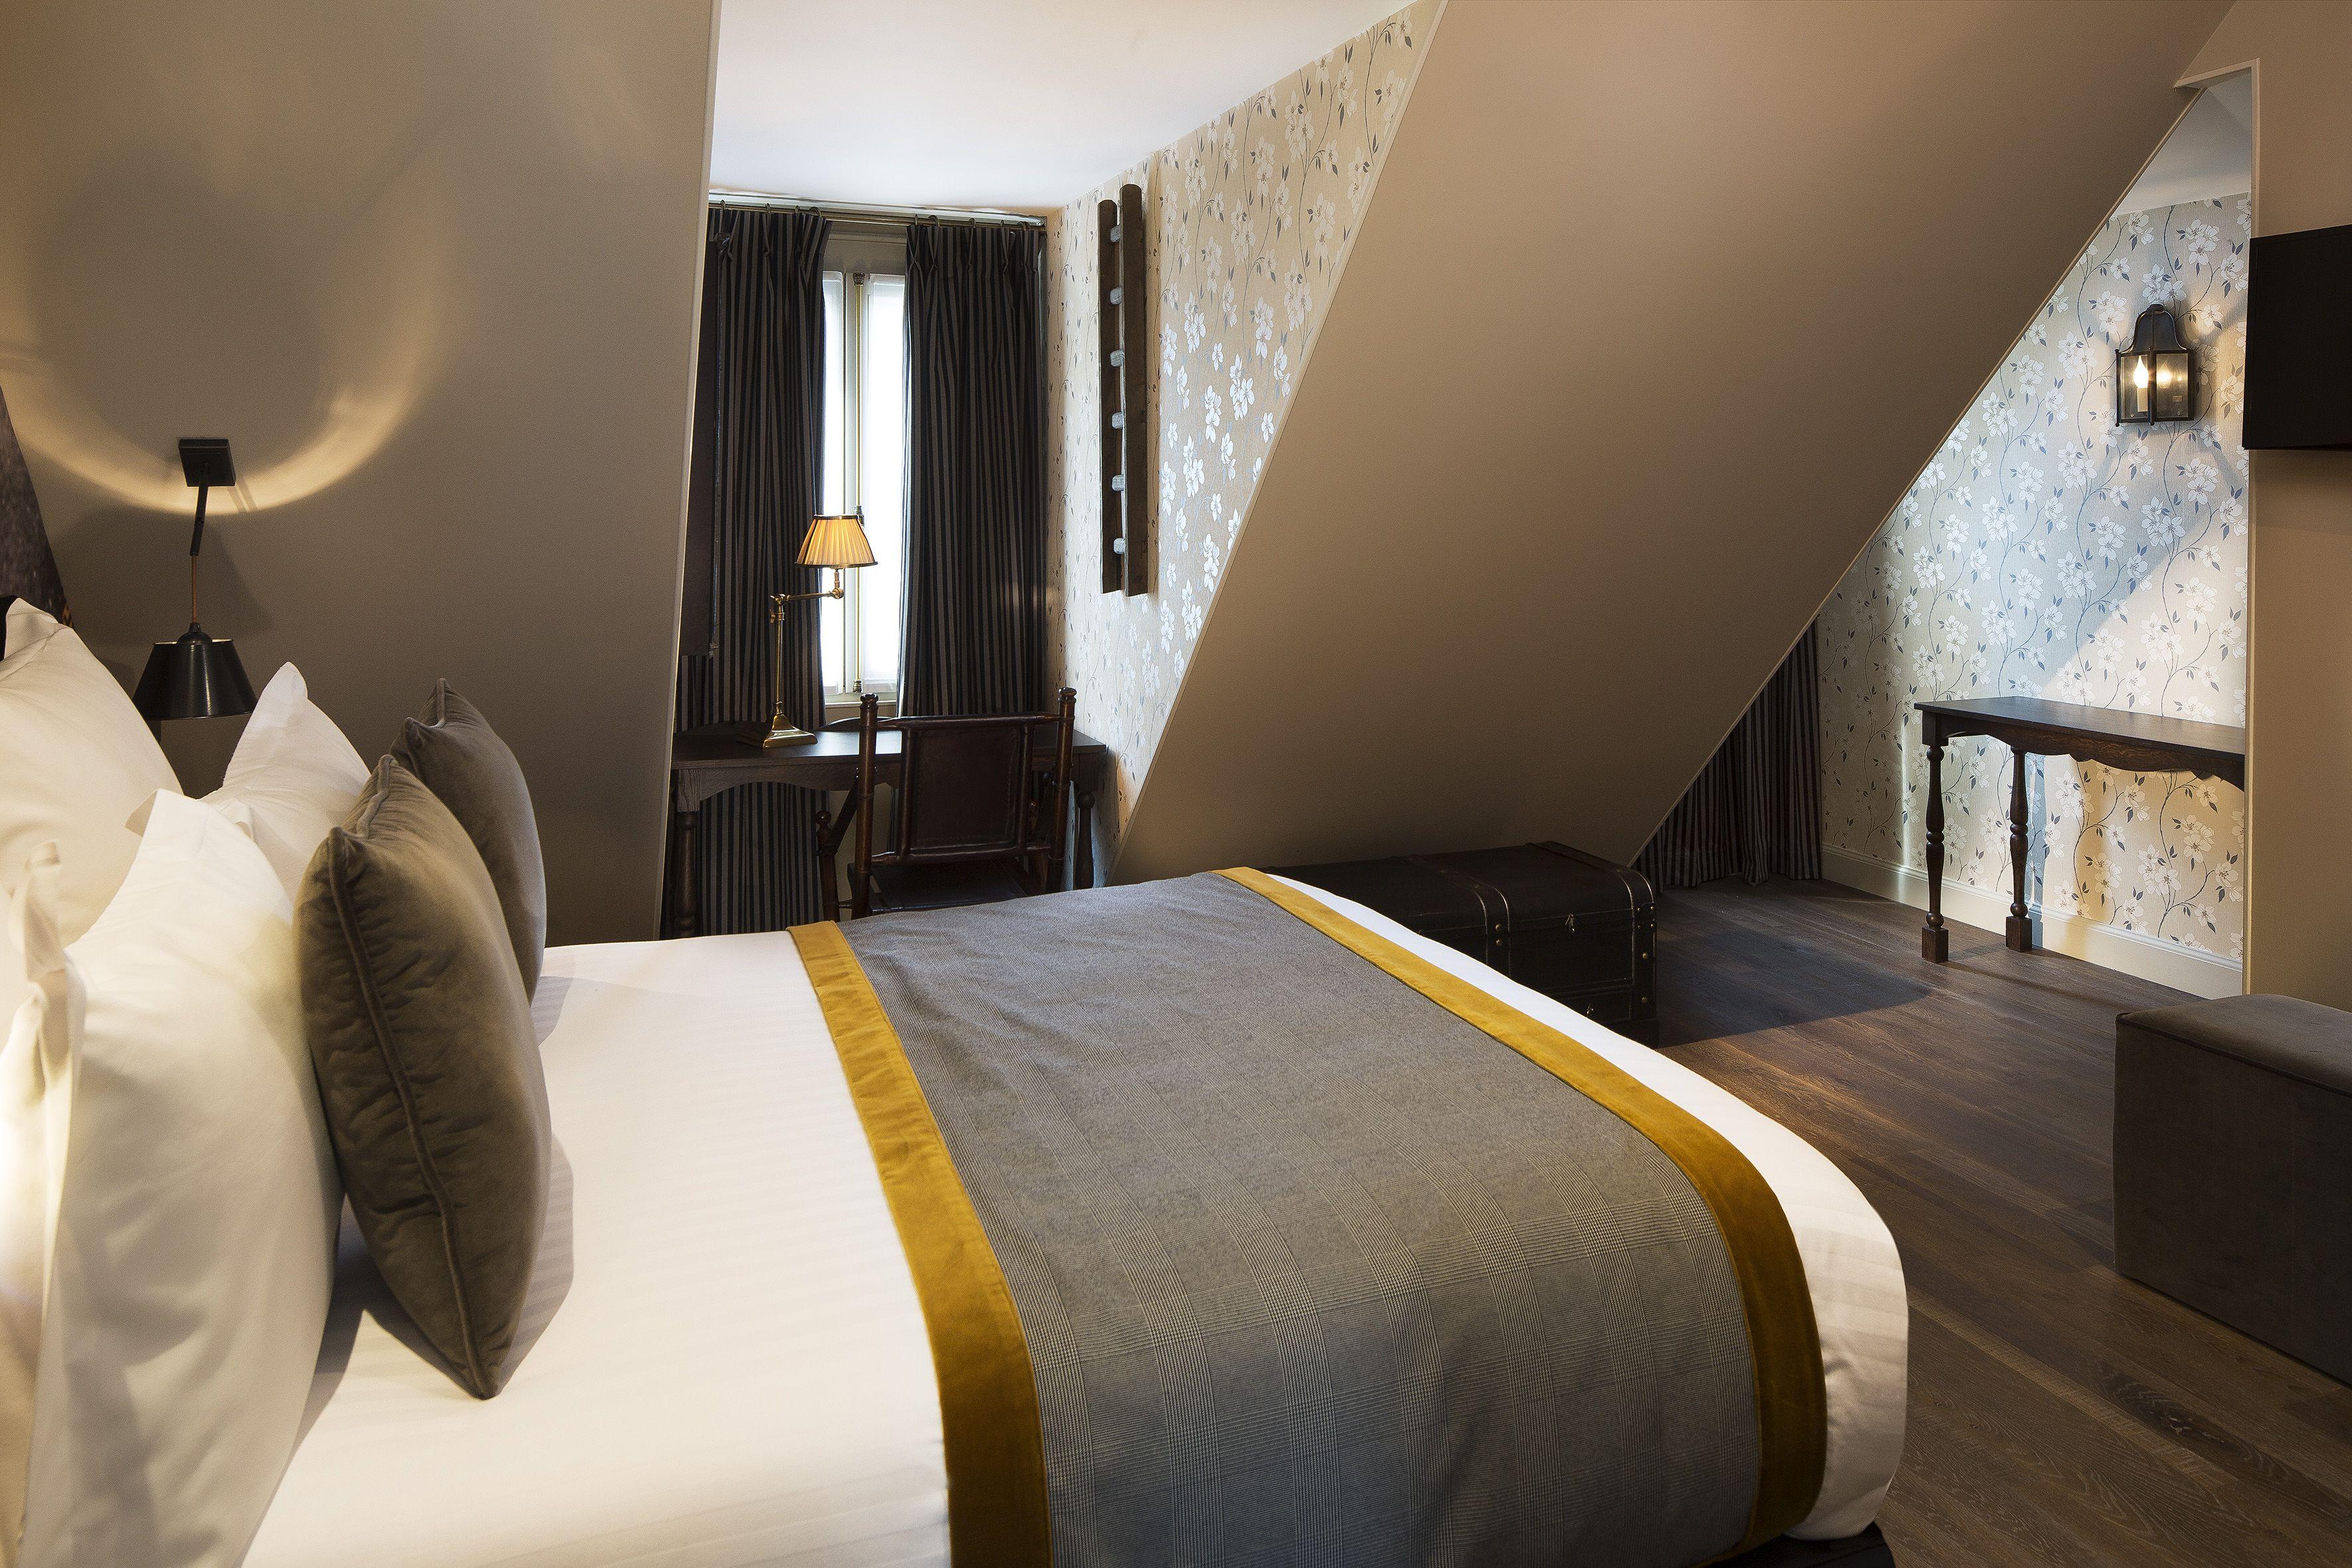 Chambre de l Adorateur Thieve s Room 20 m² Hotel Da Vinci